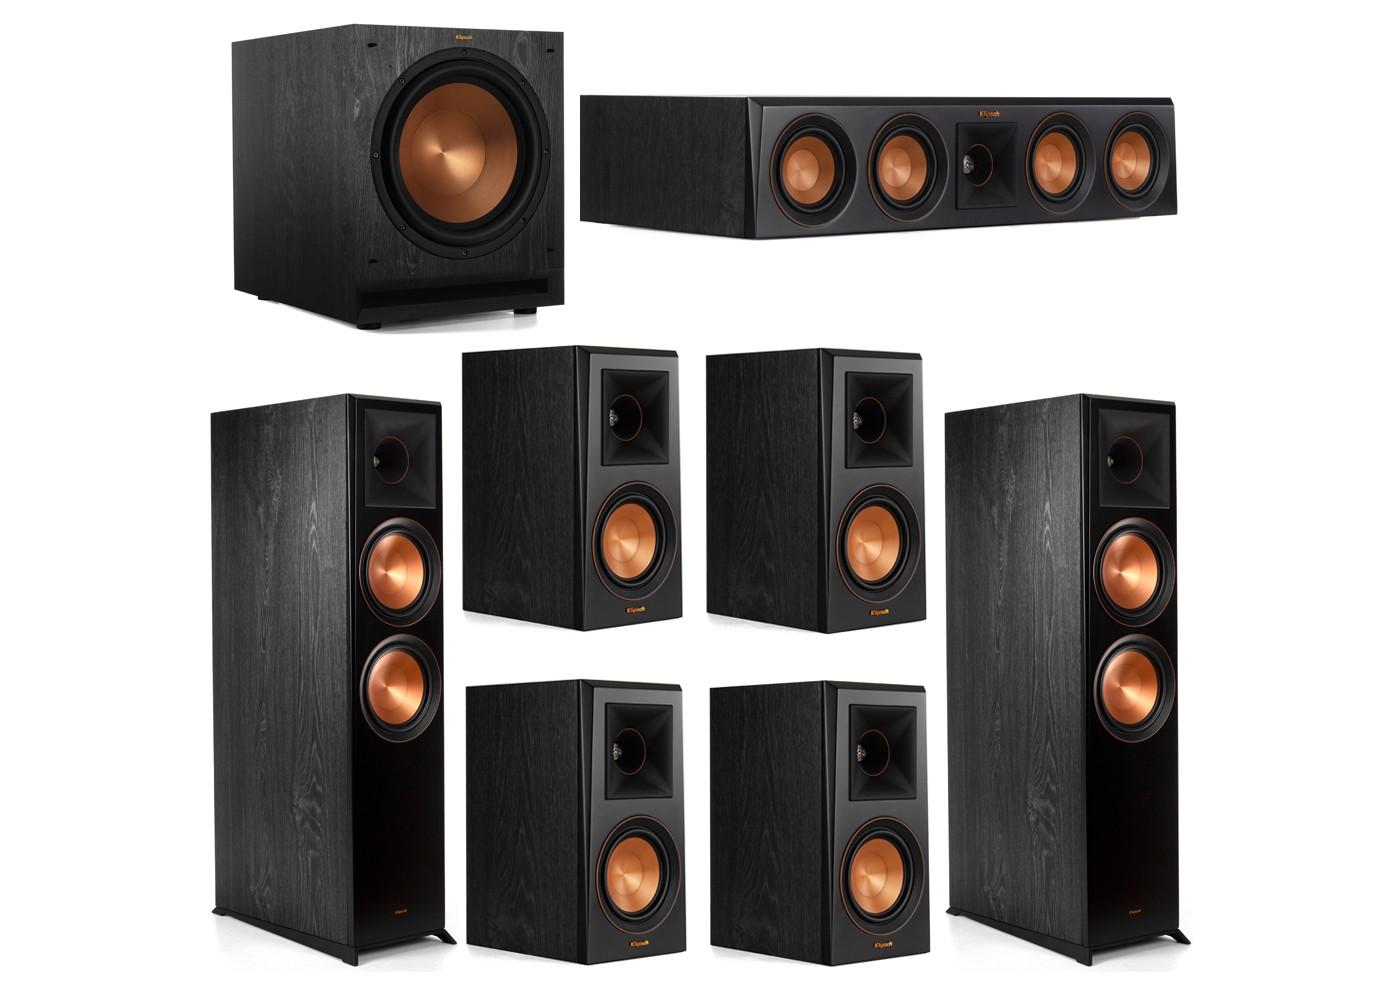 Klipsch Surround Sound >> Complete Klipsch 7 1 Home Theater Surround Sound System